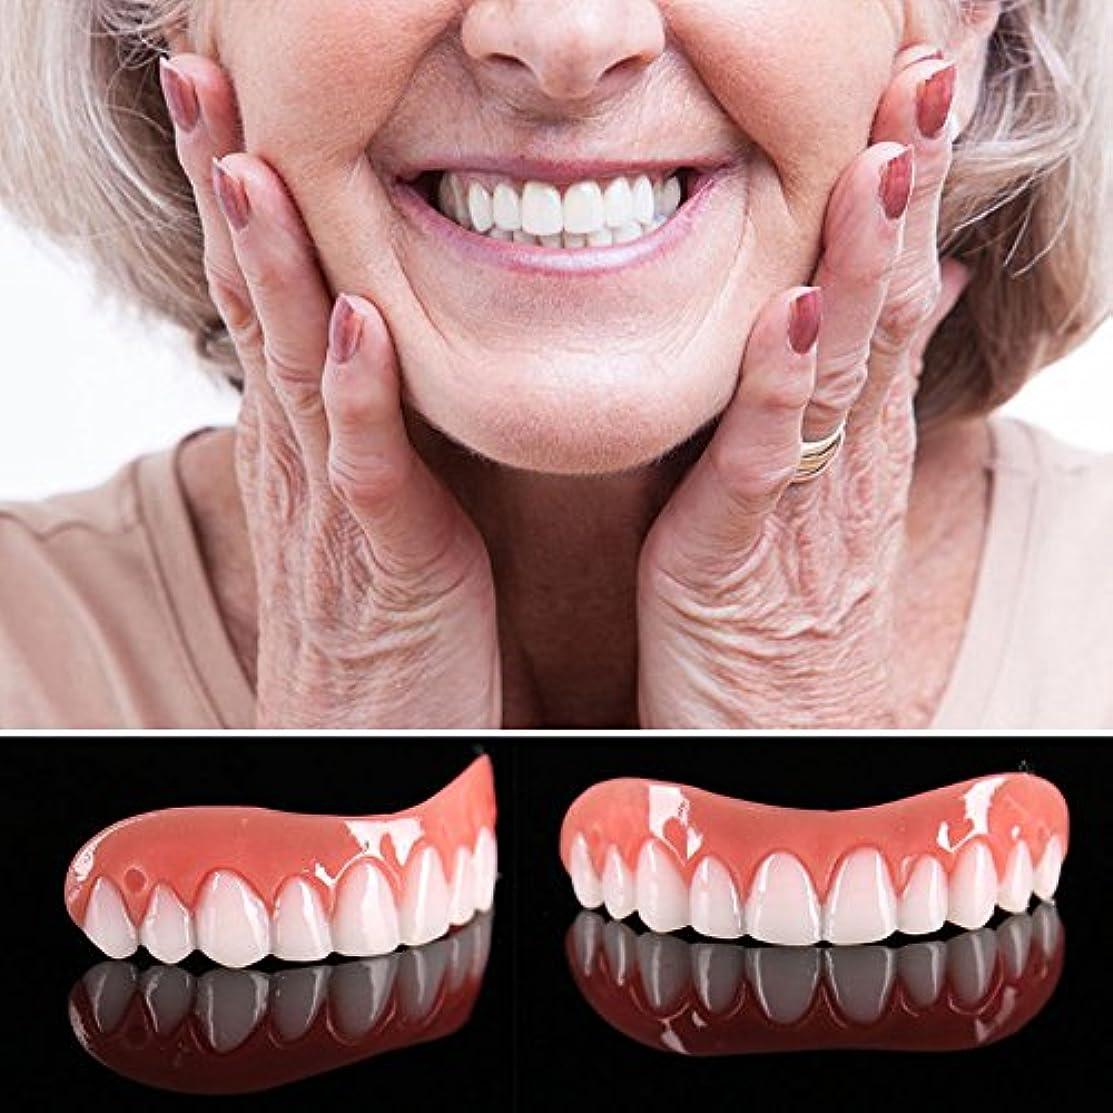 楽しむ無謀歯痛5ピースアッパーフェイク歯科用ベニアコンフォートフィット歯トップ化粧品ベニアワンサイズフィットすべての義歯接着剤歯偽義歯歯笑顔